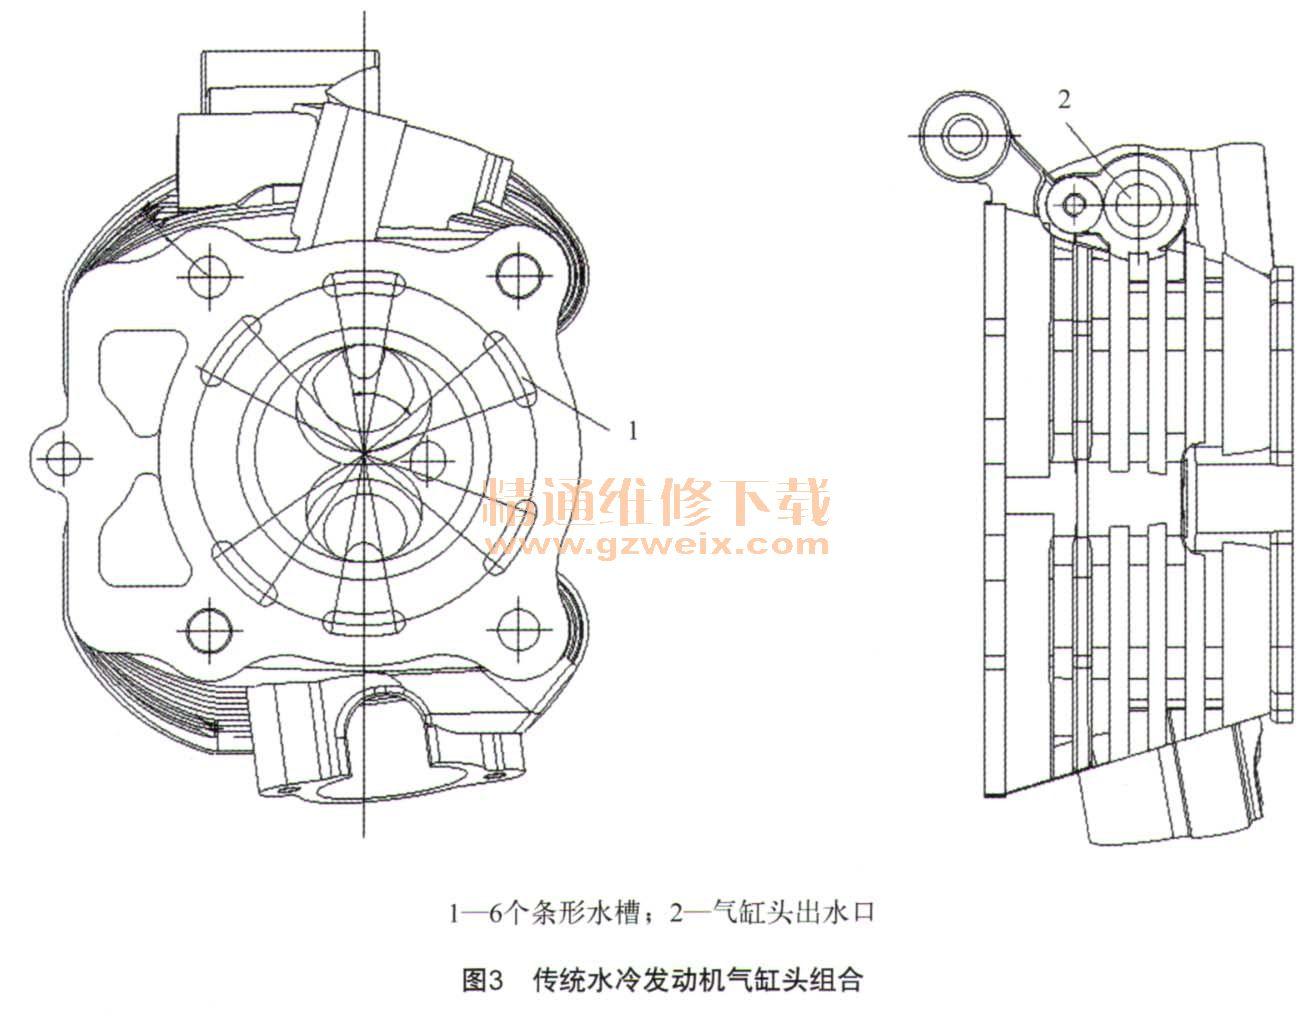 一种新型摩托车冷水发动机的开发设计高清图片